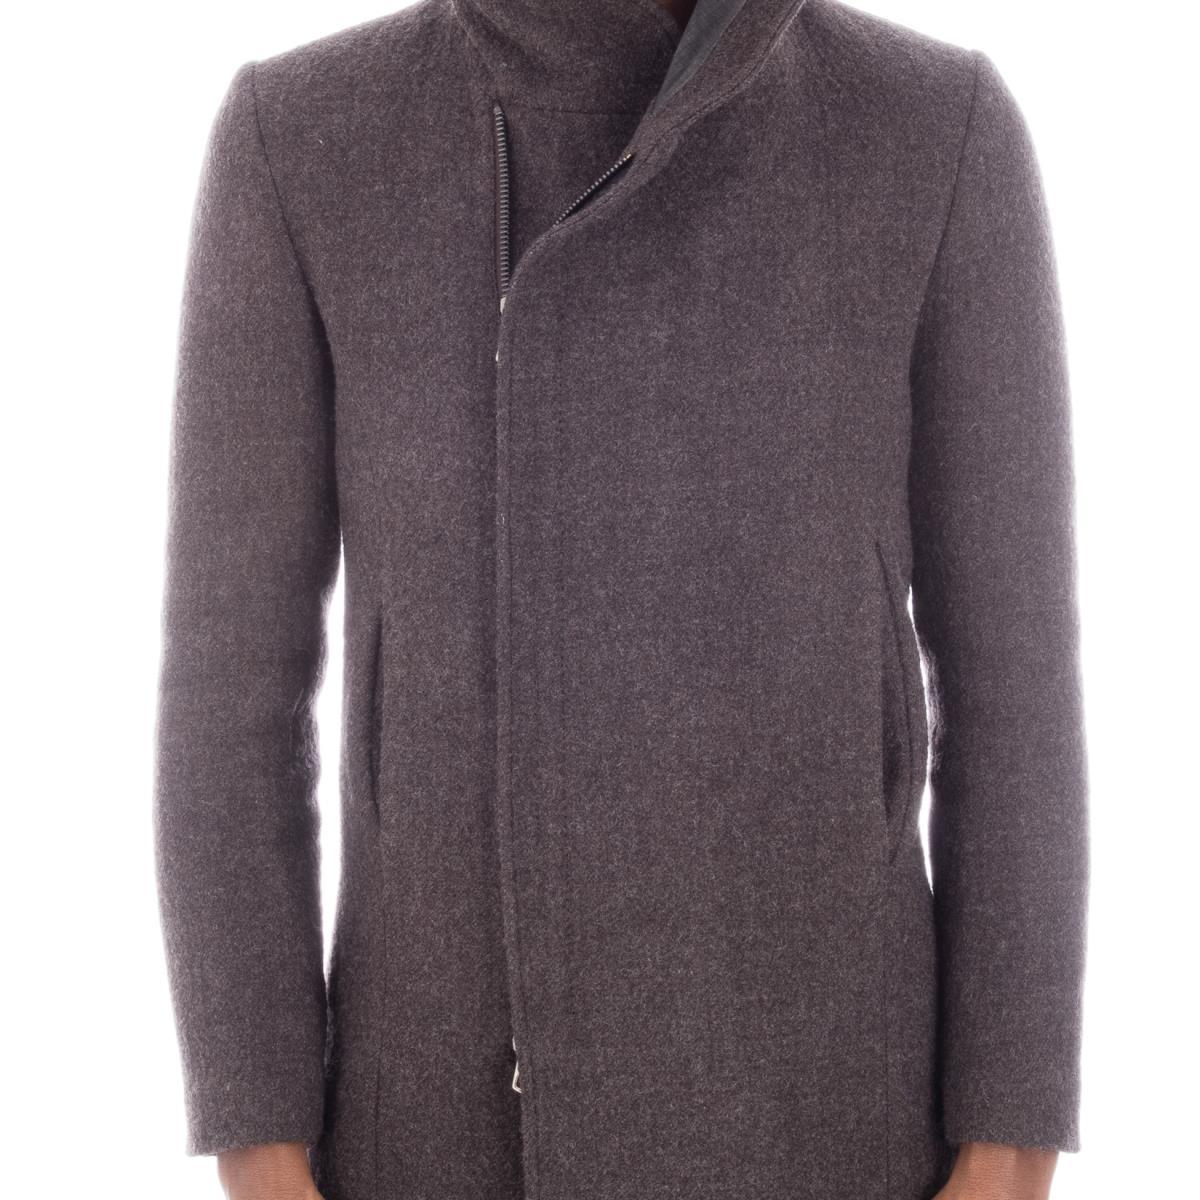 Autorizzato Messagerie Shop Online 165008t Cappotto rrPIv